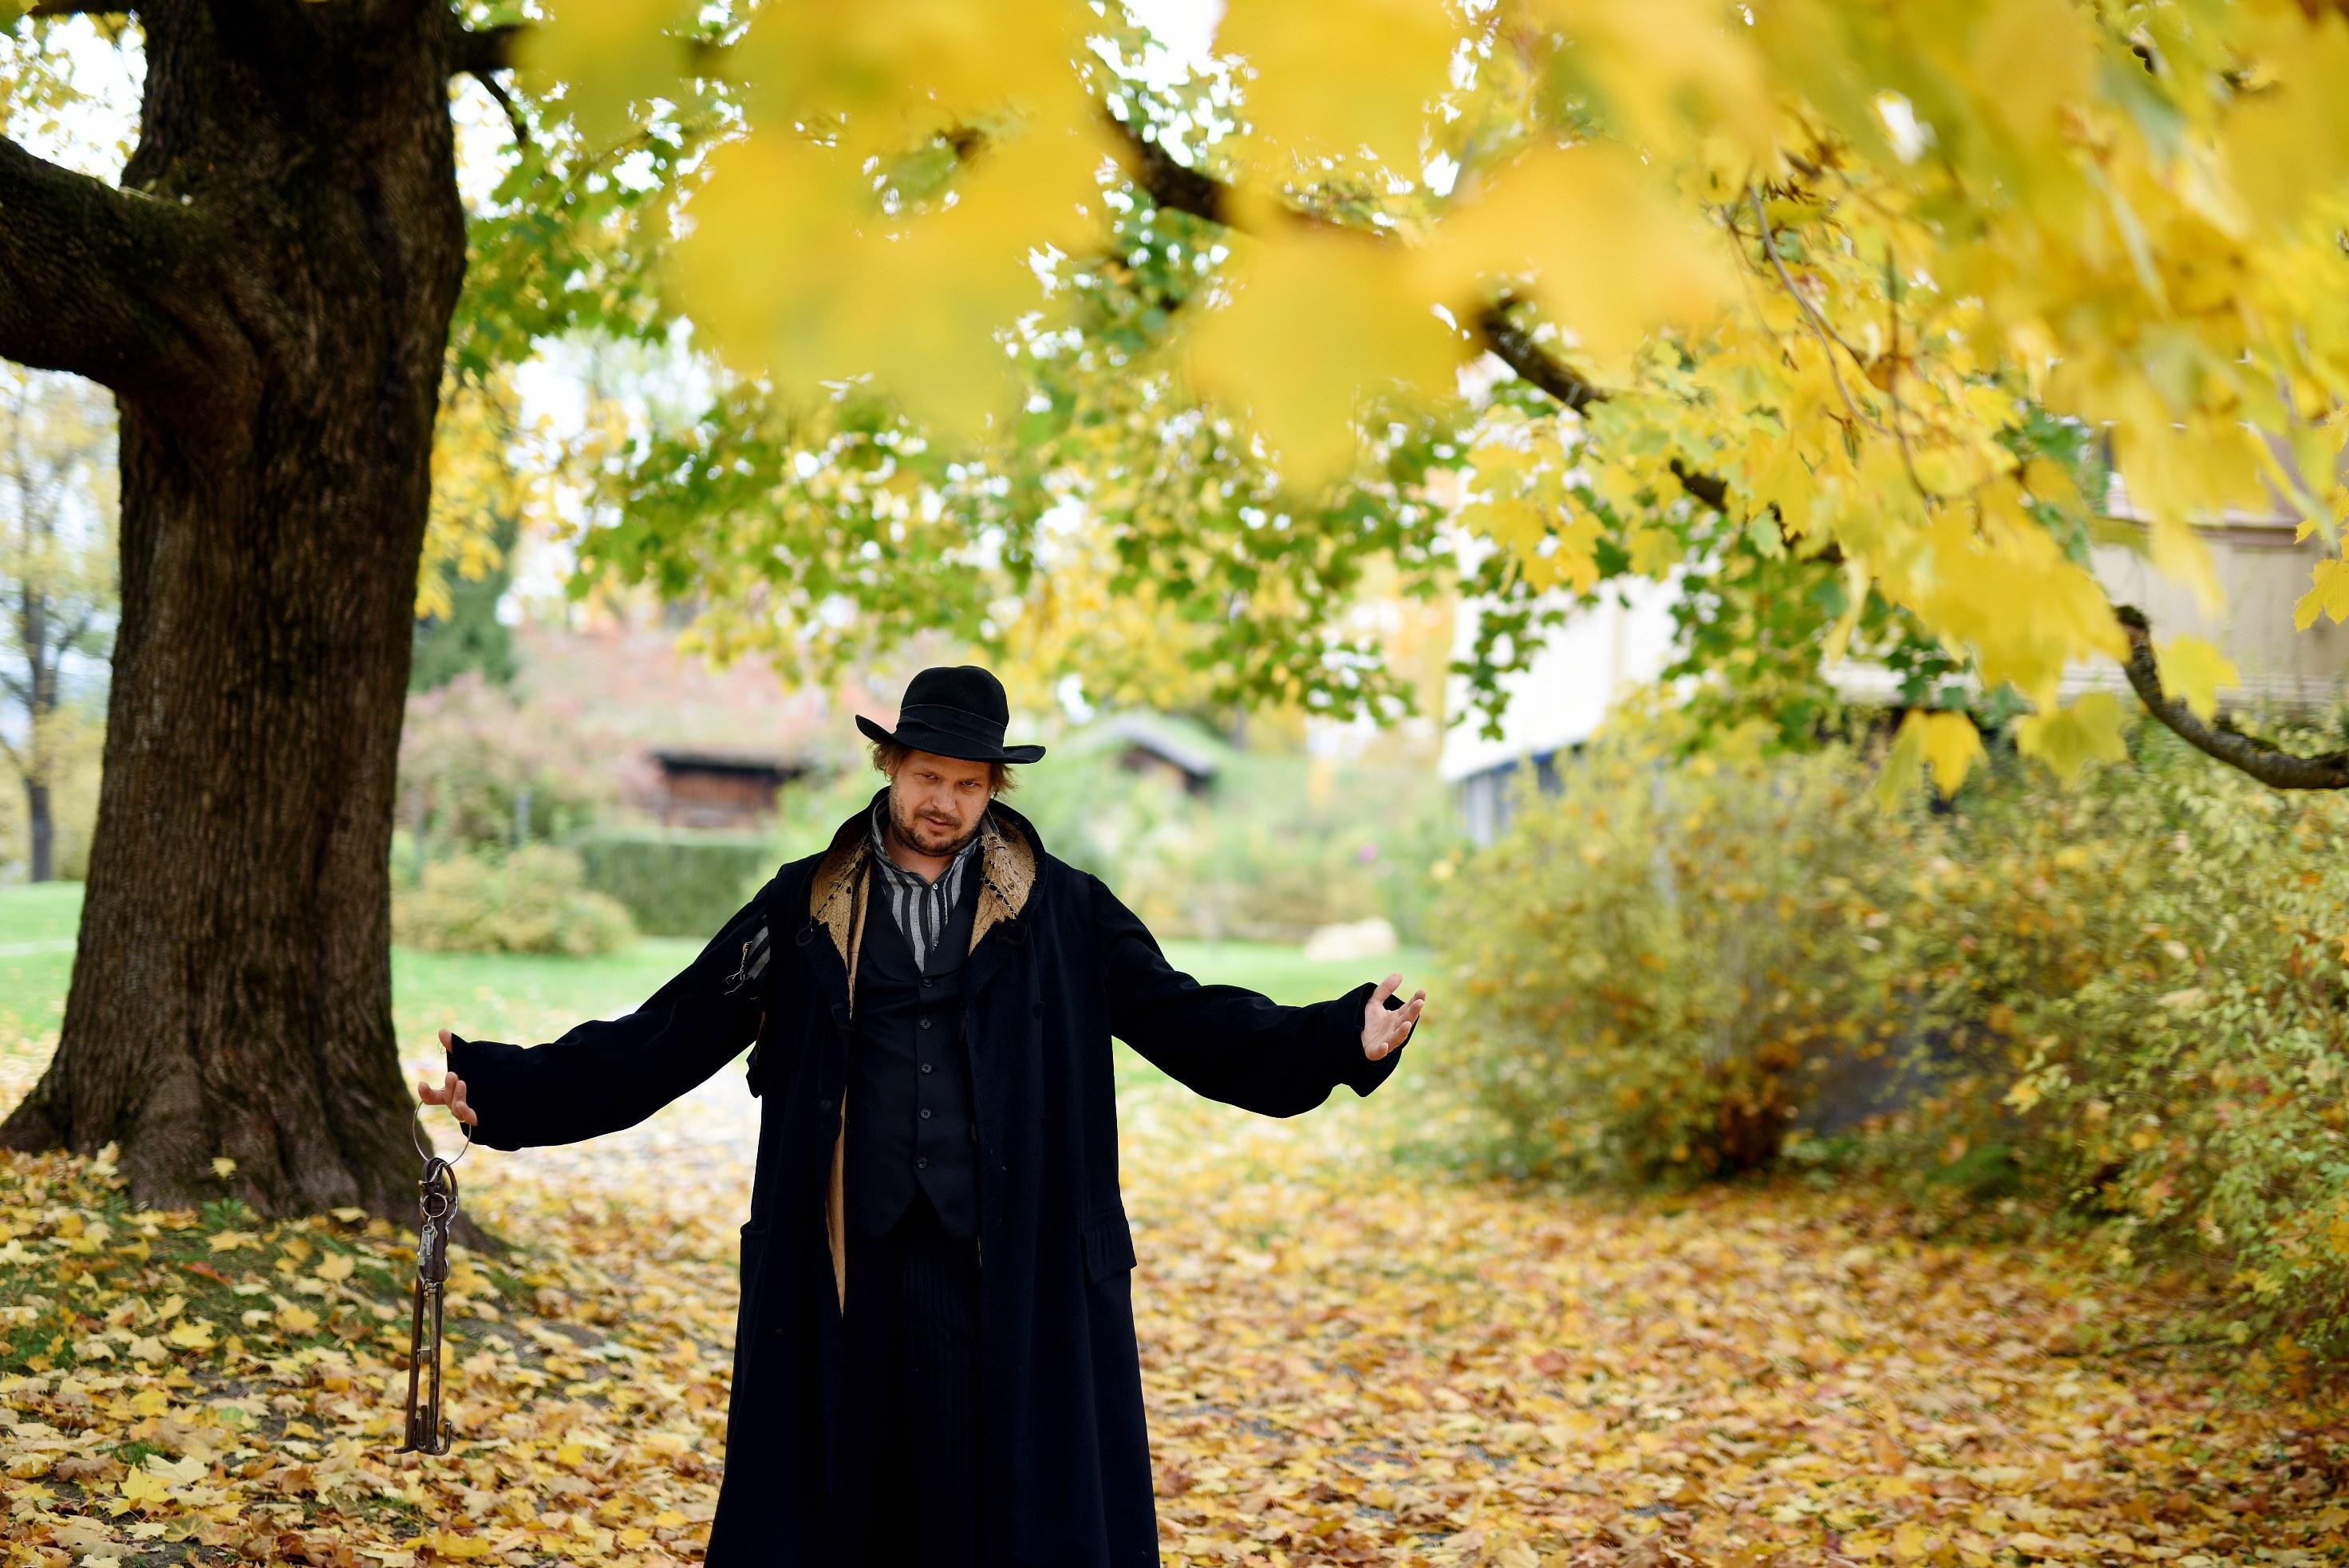 I slutten av oktober forandrer Brekkeparken navn til Skrekkeparken. Henrik Bøe Larsen er vaktmesteren som passer på at det er passe skummelt. Foto:Bjørn Harry Schønhaug